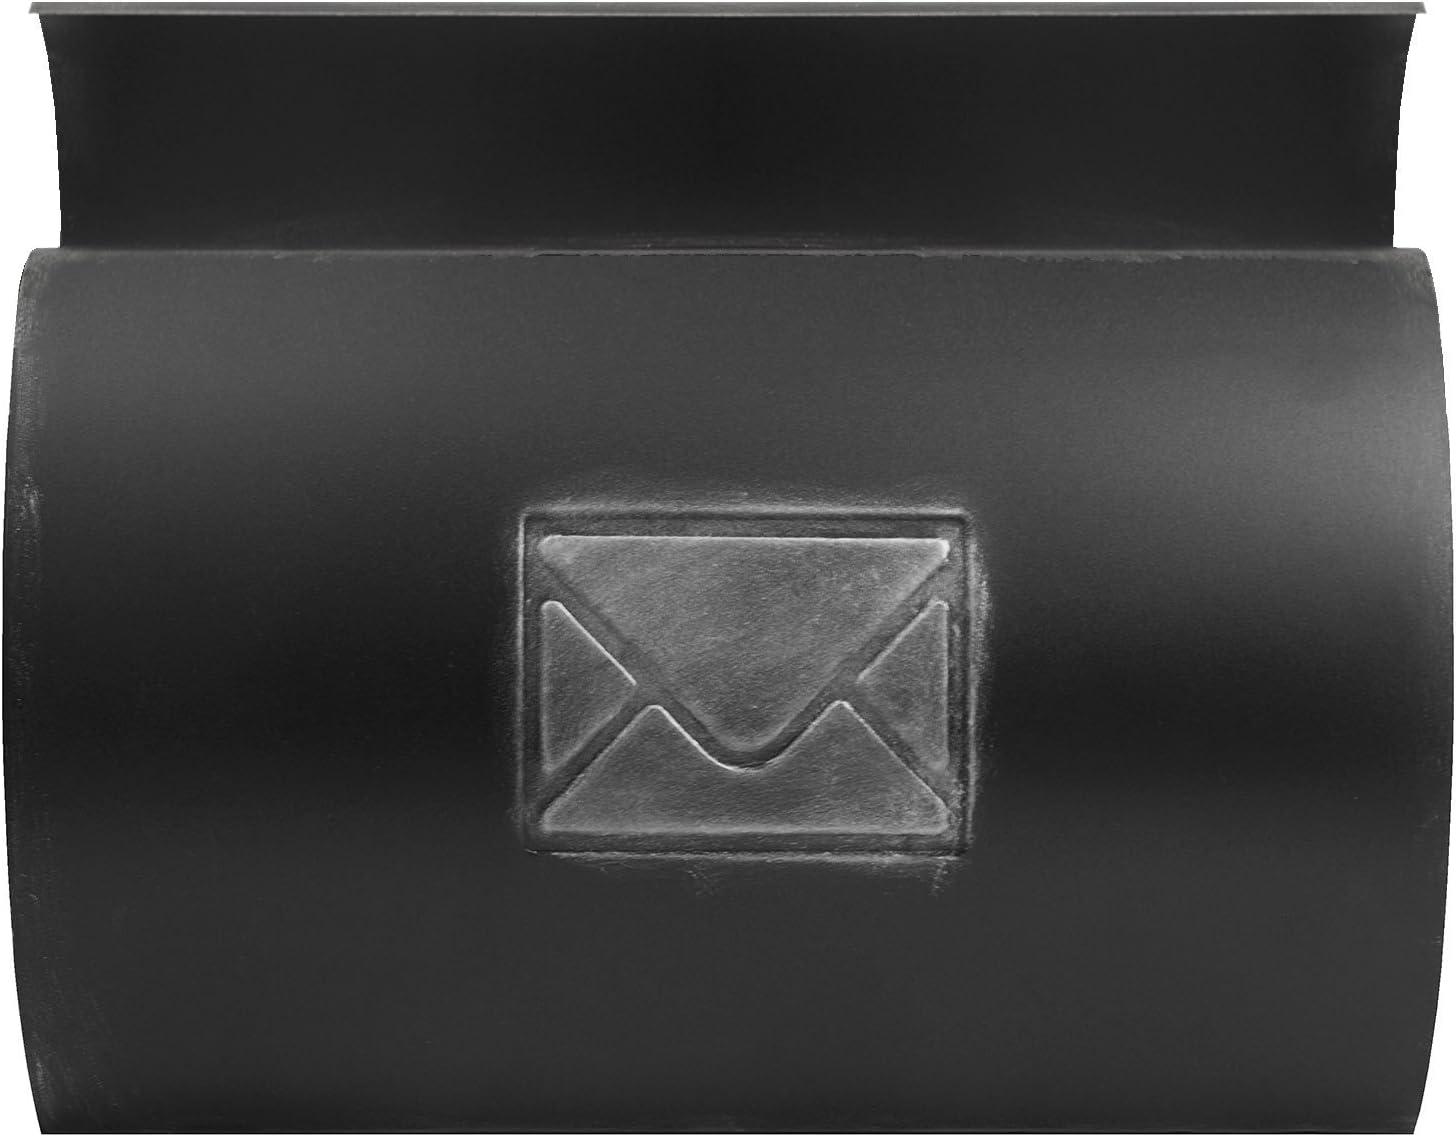 Wand Briefkasten Wandbriefkasten Postkasten Mailbox mit Zeitungsrolle Zeitungsfach Zeitungsbox//Silber